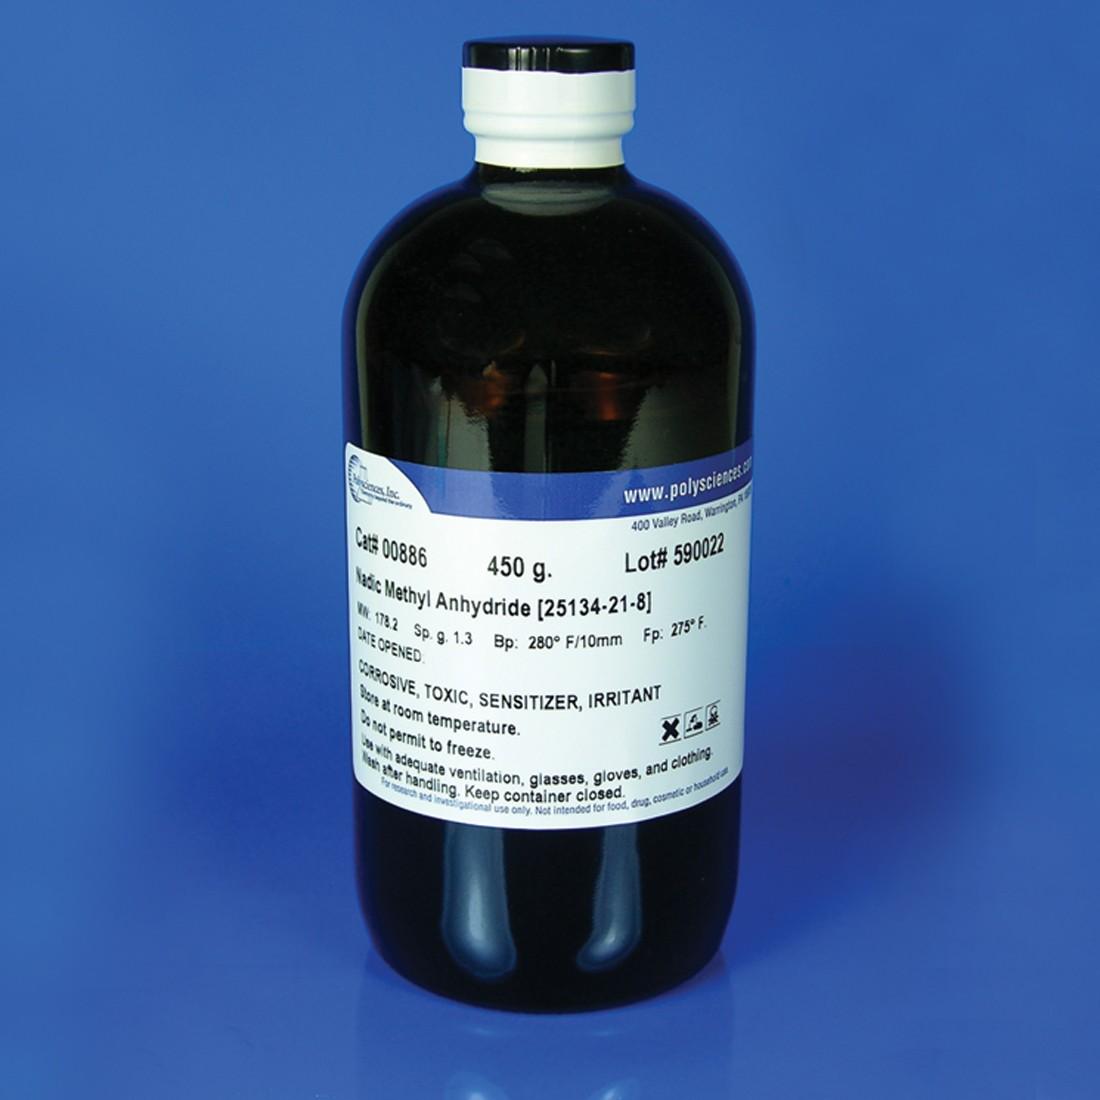 Nadic-Methyl-Anhydride-nma